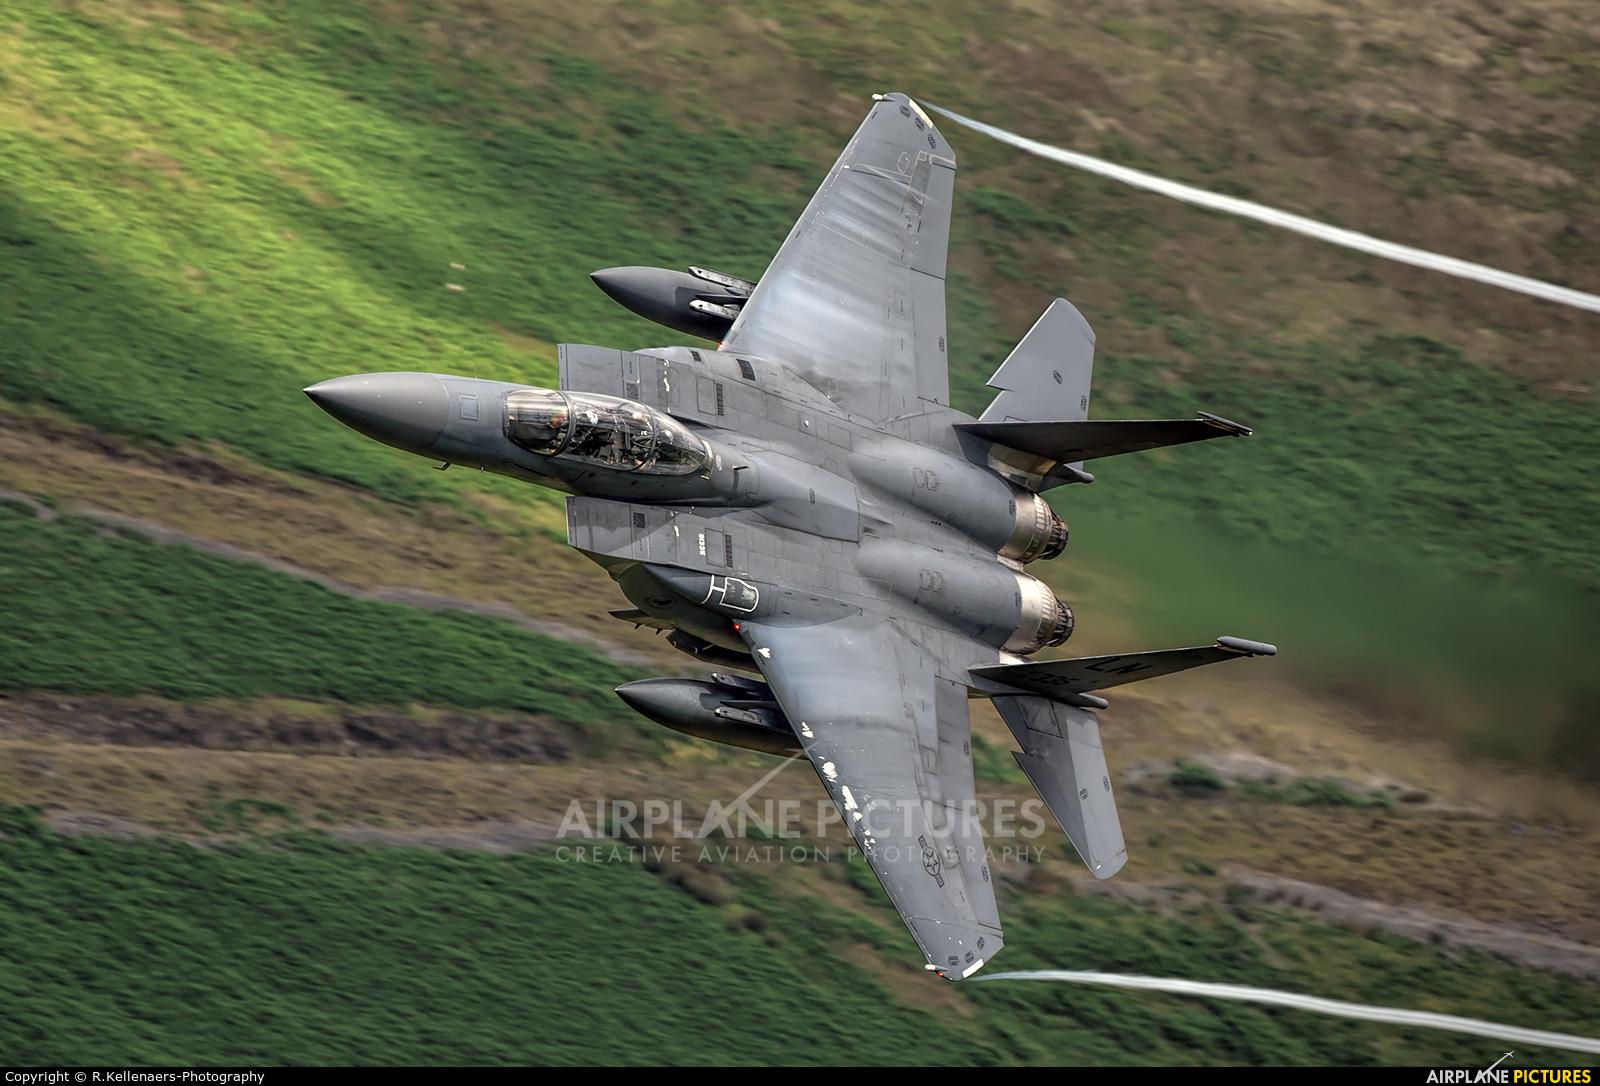 USA - Air Force 91-0335 aircraft at Machynlleth LFA7